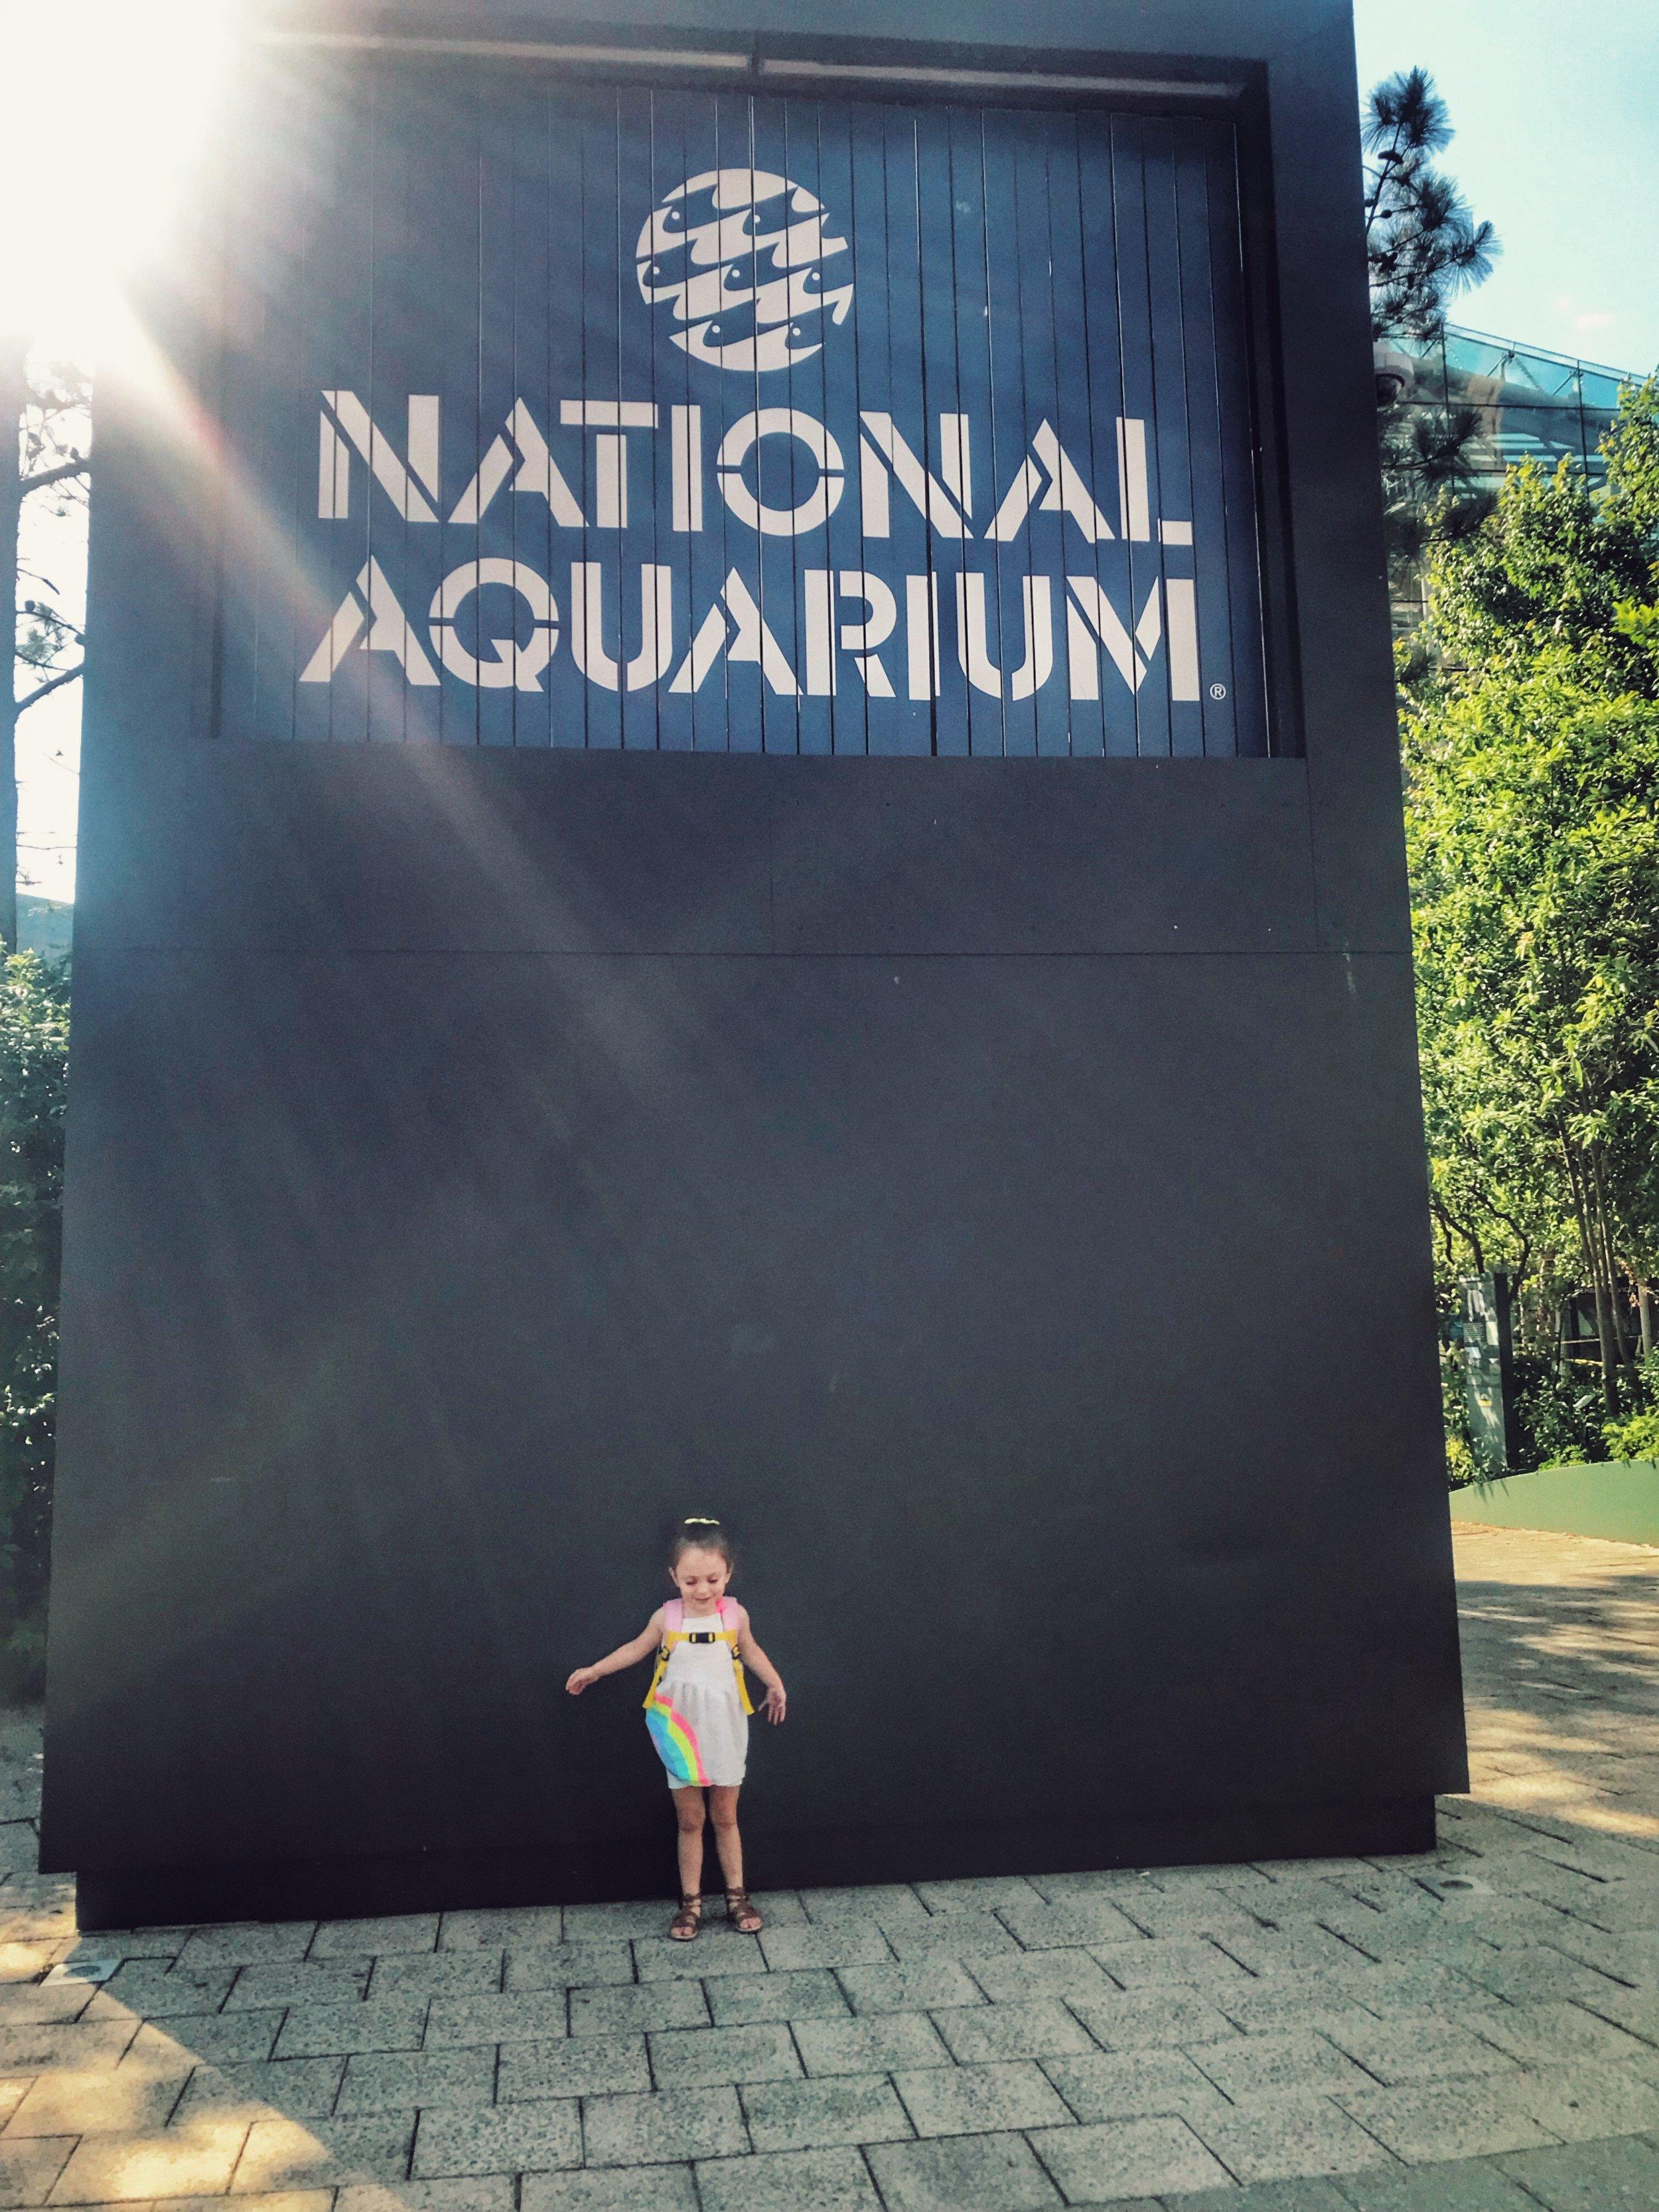 summer bucket list - naltional park - she got guts.jpg